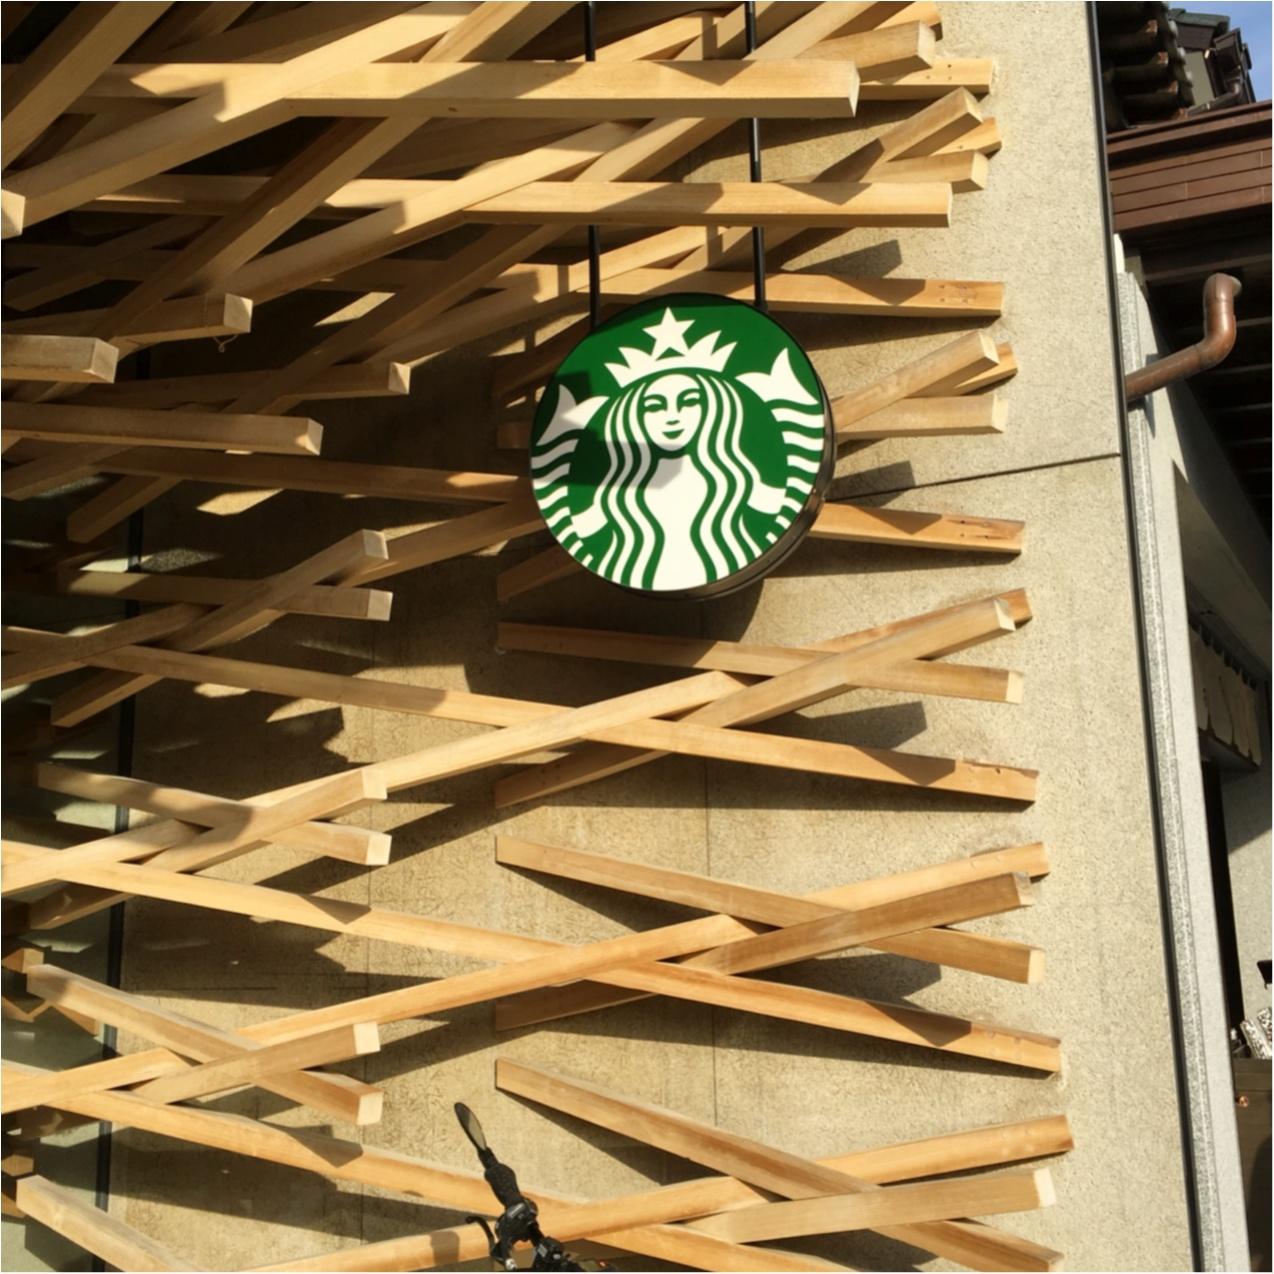 【 日本の珍しいスタバに行きたい♪ 】 芸術的な木のデザインが美しい♡ 大宰府天満宮のスターバックス♡♡_2